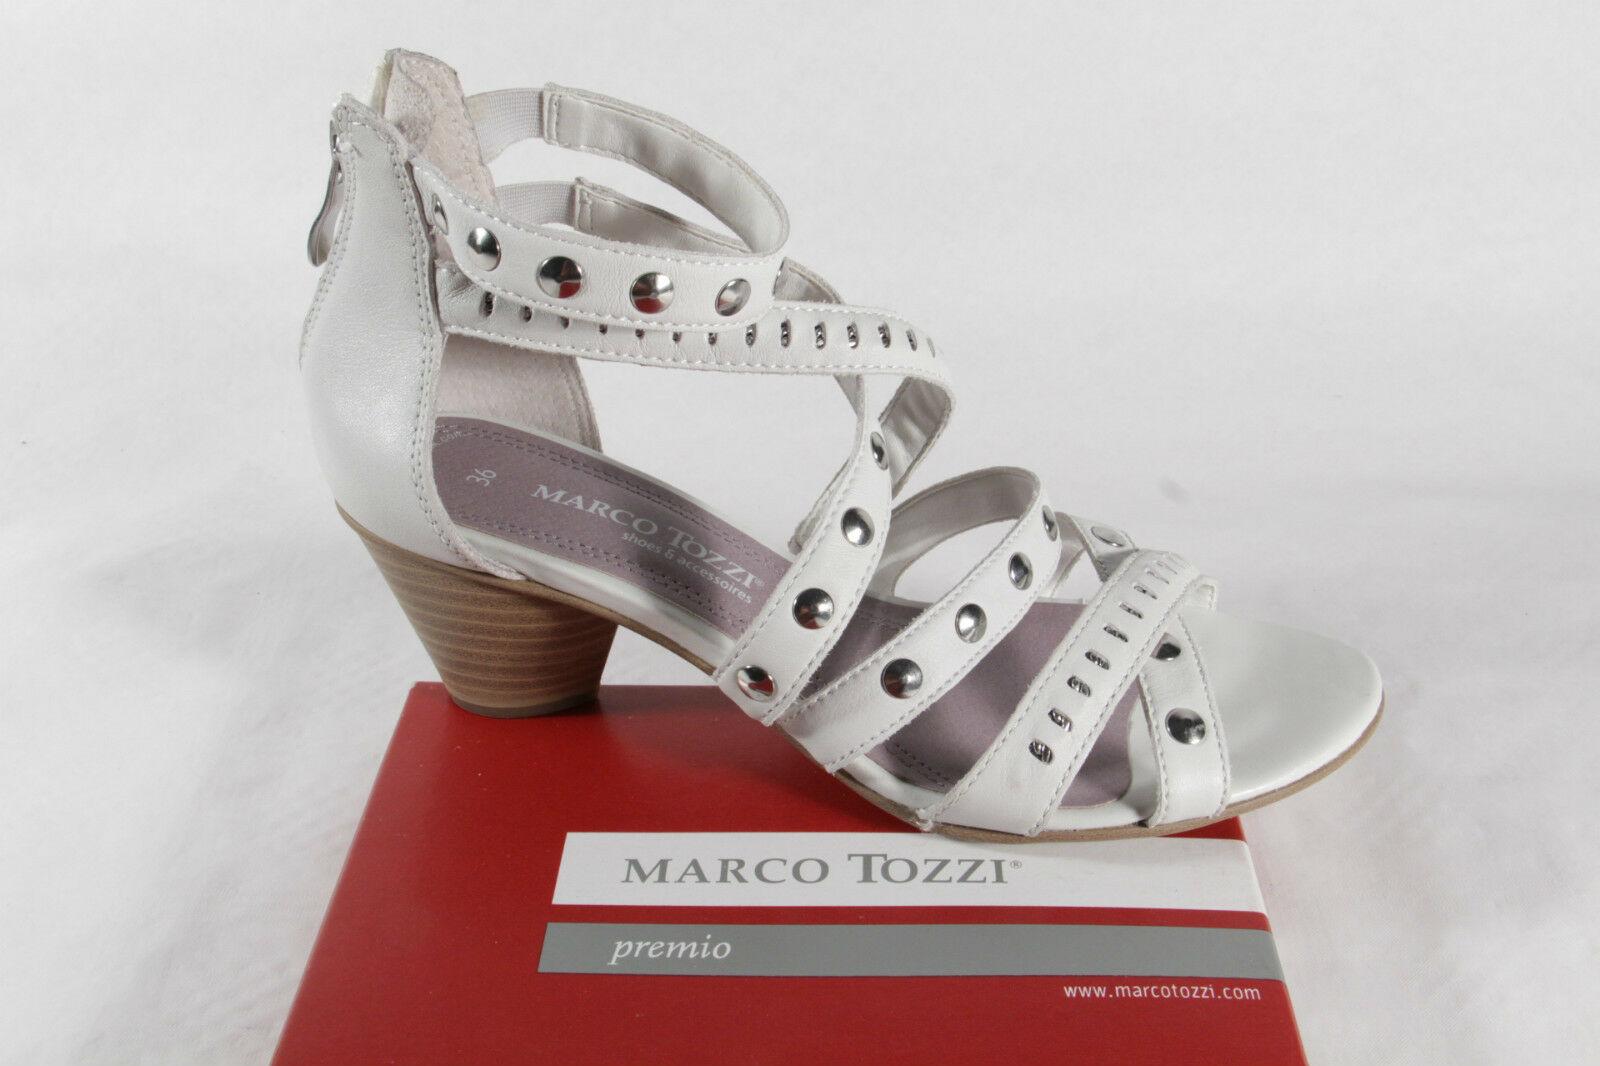 Marco Tozzi Damen Sandale, weiß  silber, Echtleder, Reißverschluß hinten NEU